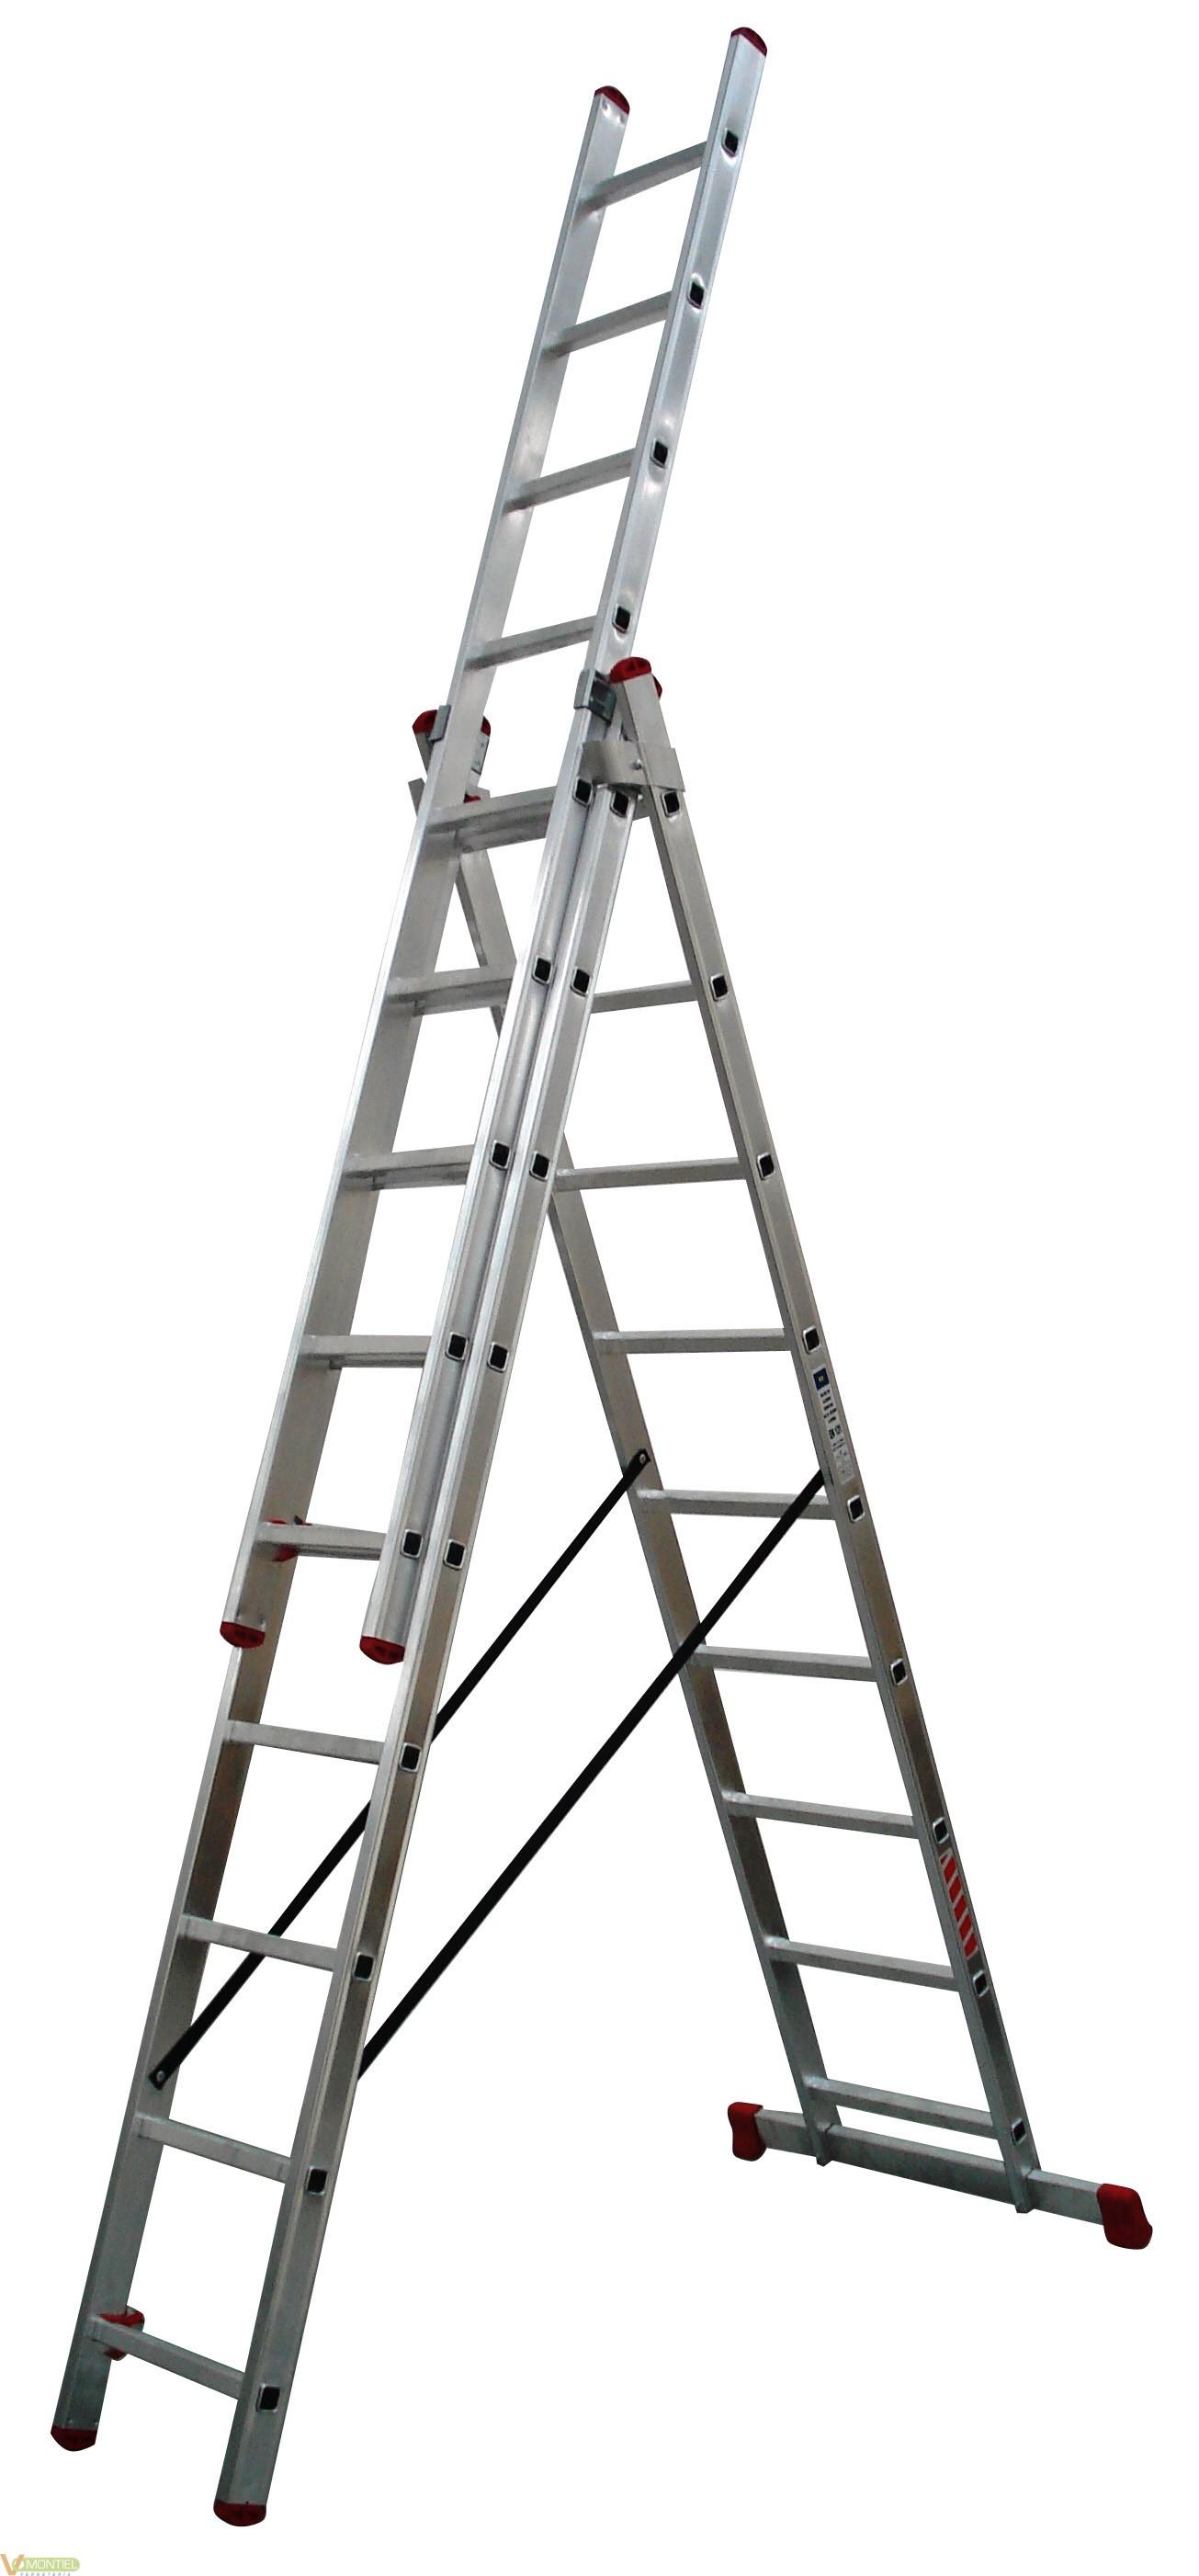 Escalera aluminio 3x10 pelda o online escalera barata for Escalera 9 escalones